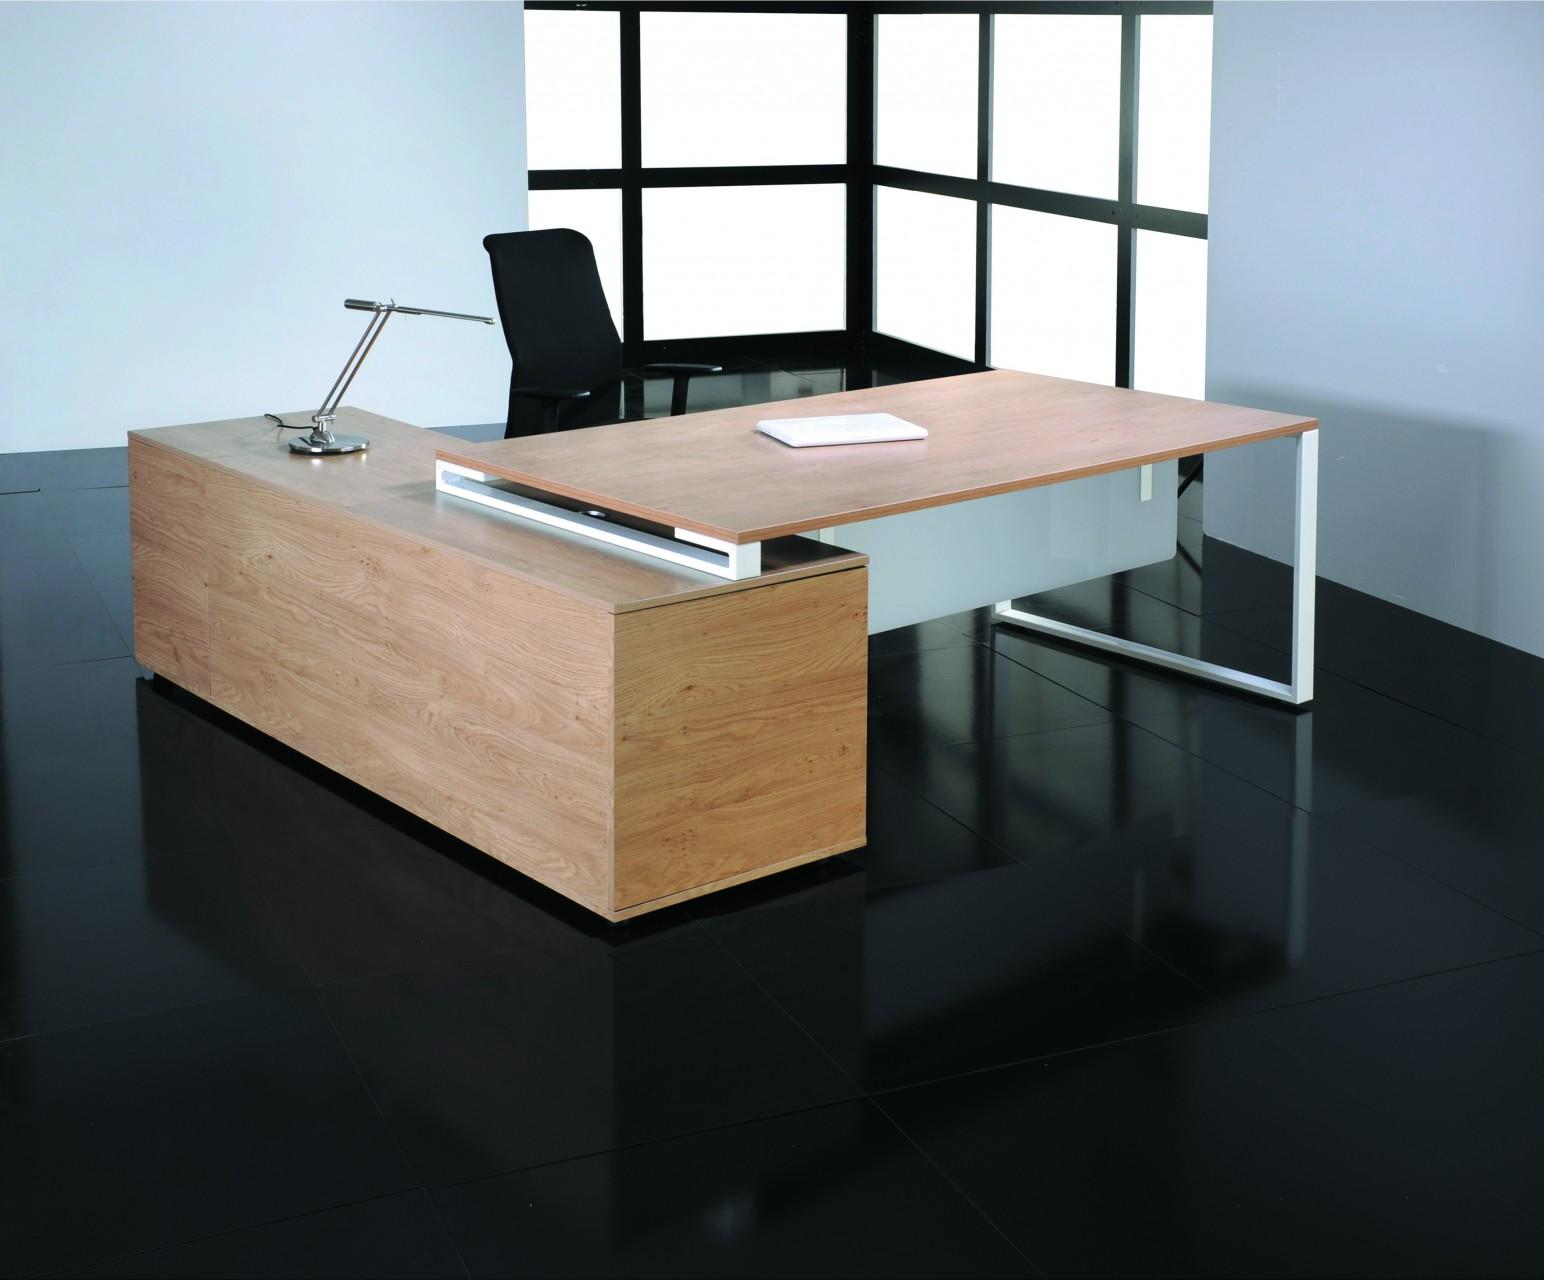 Bureau urban manager sur console achat bureaux de for Bureau urban